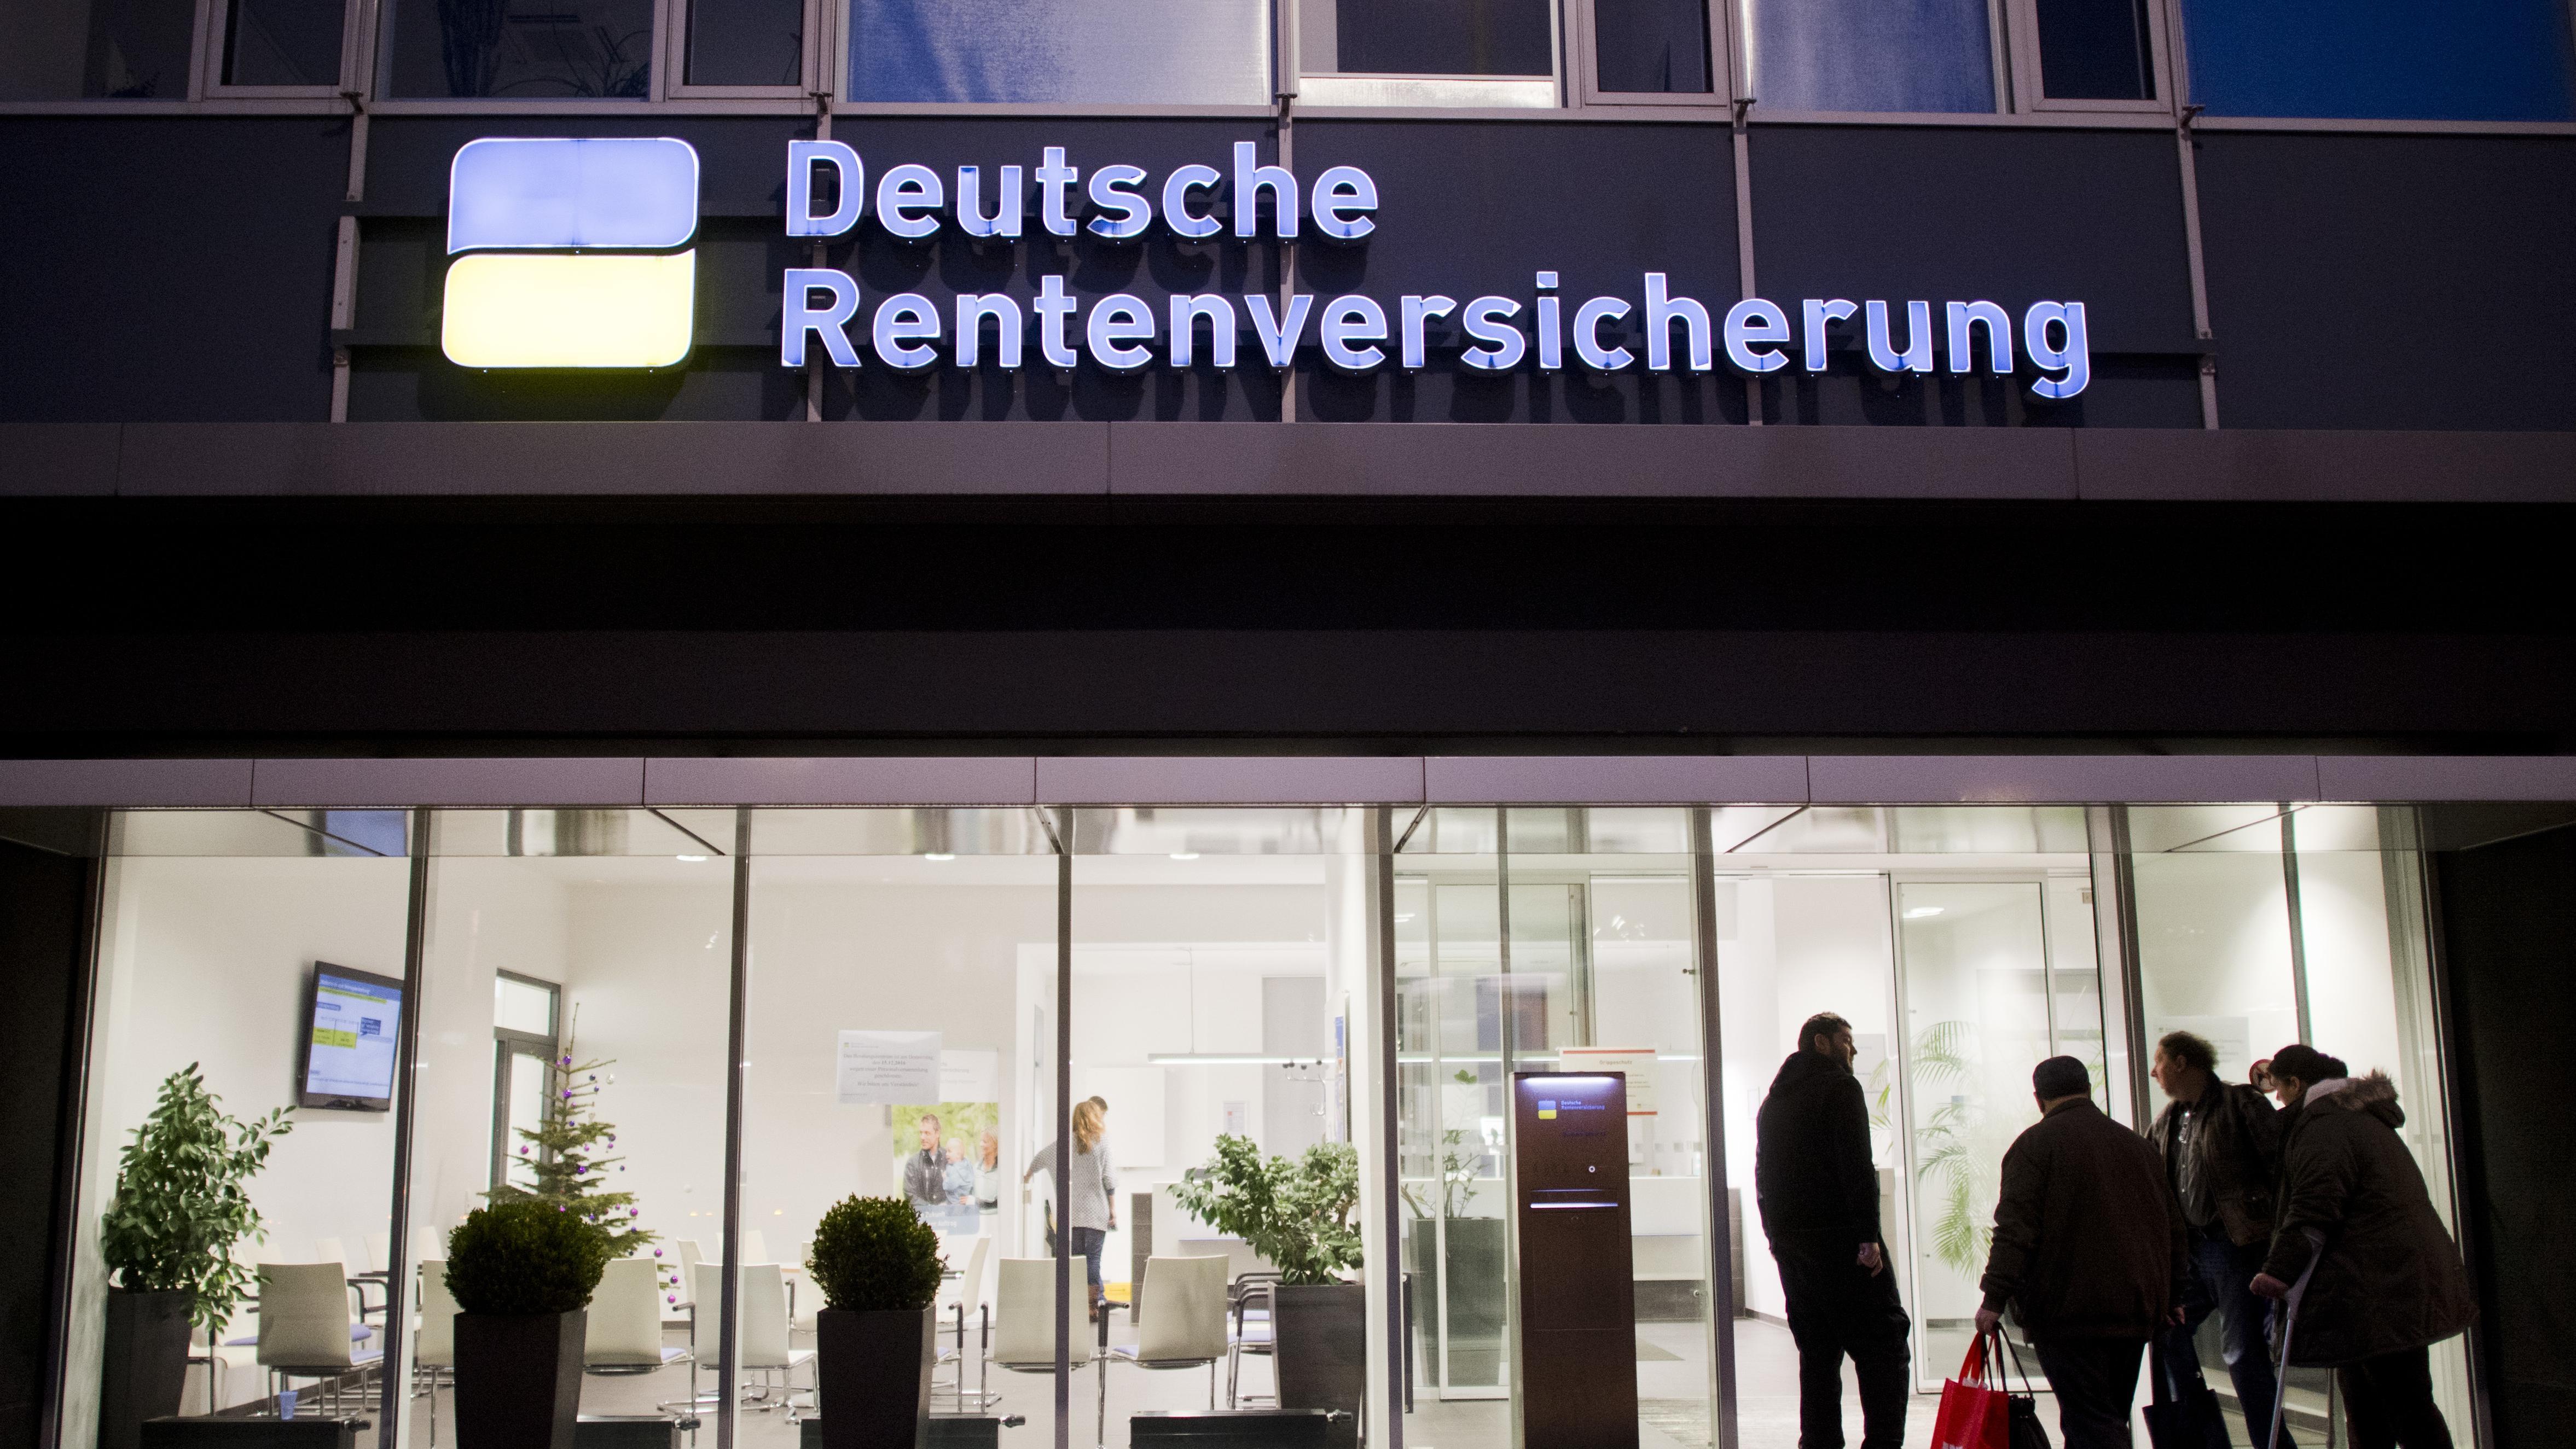 Verwaltungsgebäude der Deutschen Rentenversicherung in Hannover (Archivbild)